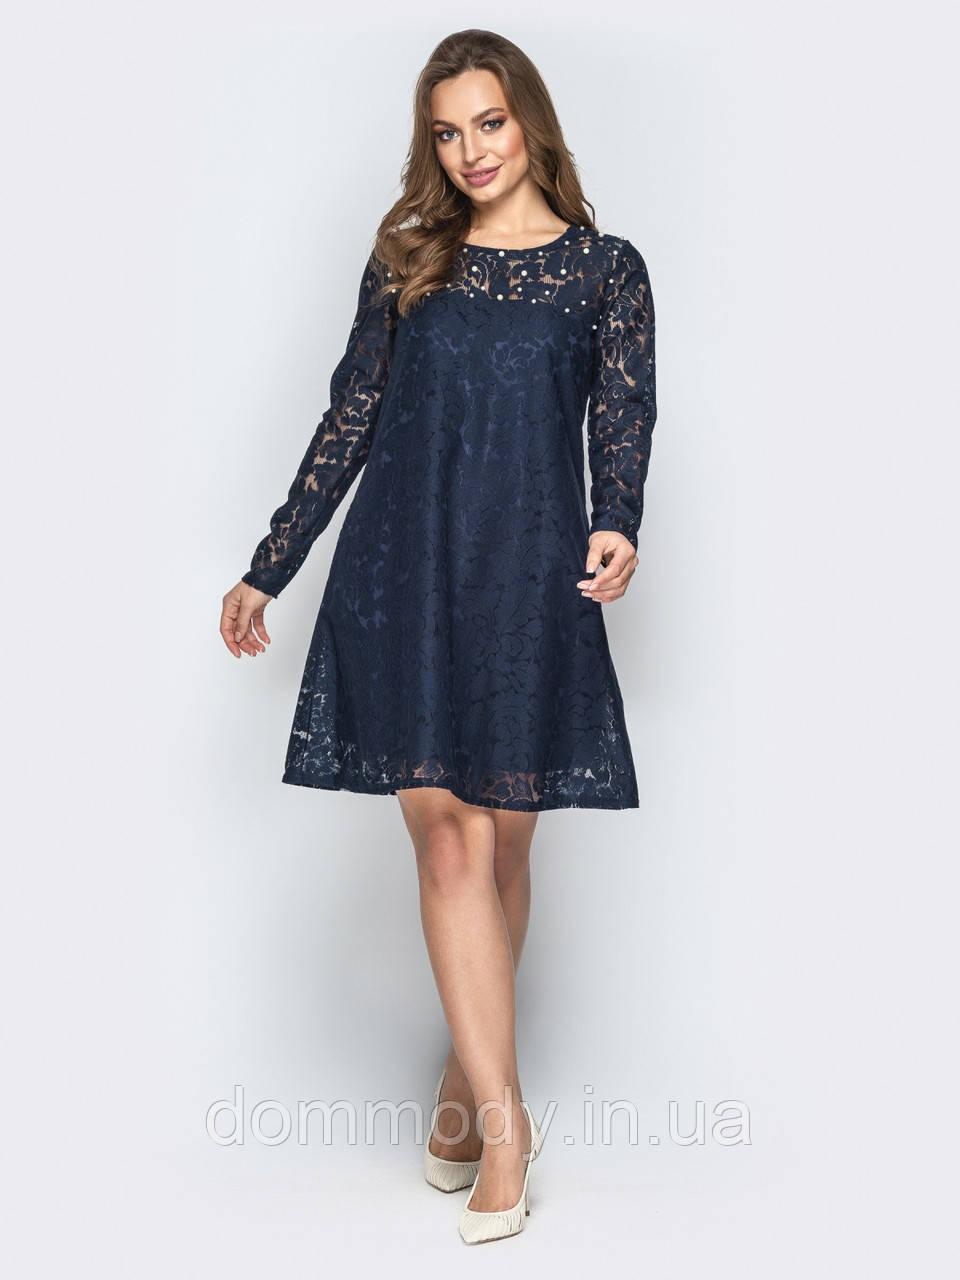 Платье женское Blues синего цвета